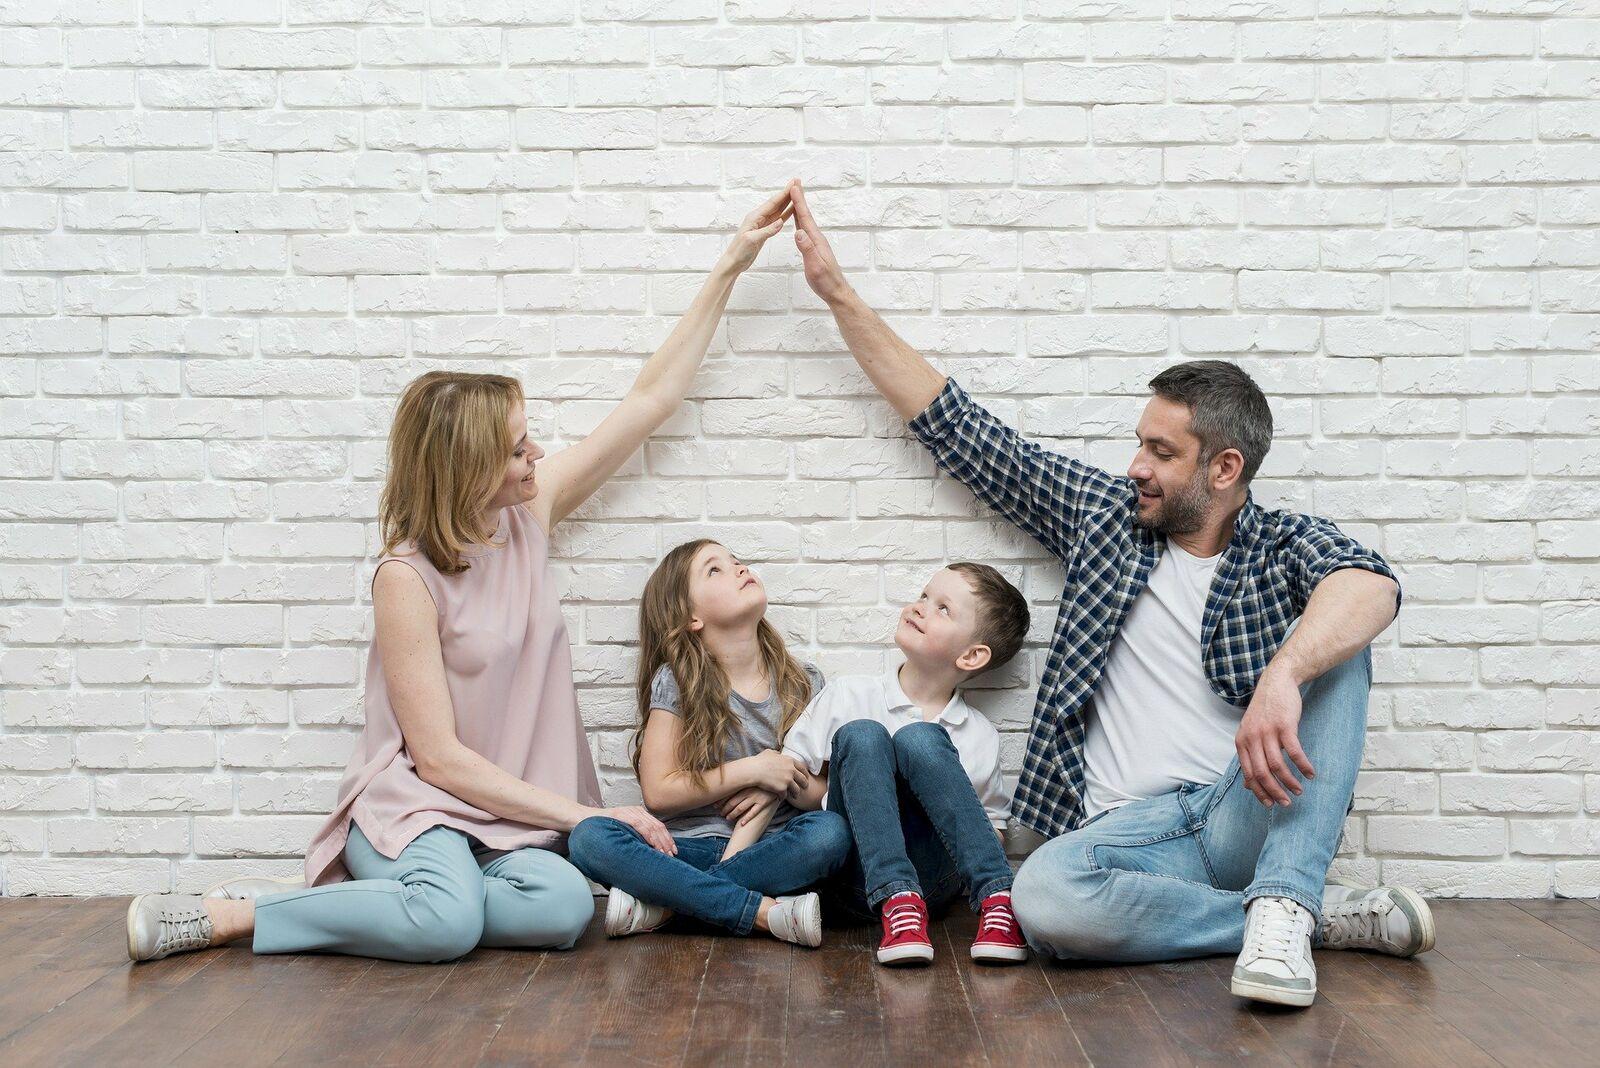 Familie träumt von Haus